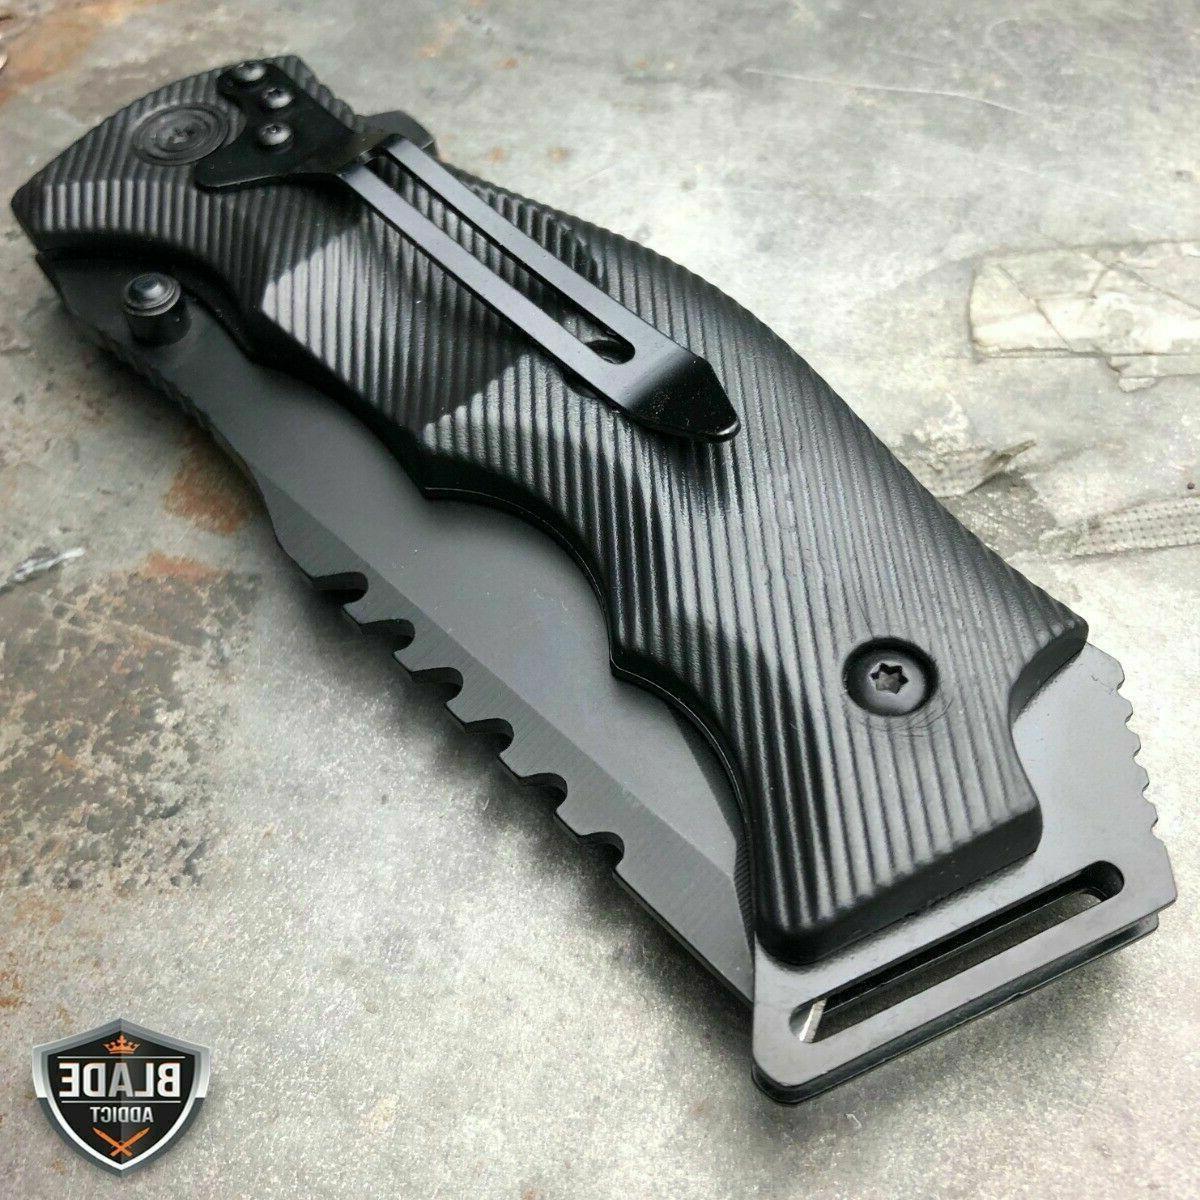 TACTICAL Spring Assisted Open Pocket Knife FOLDING Black